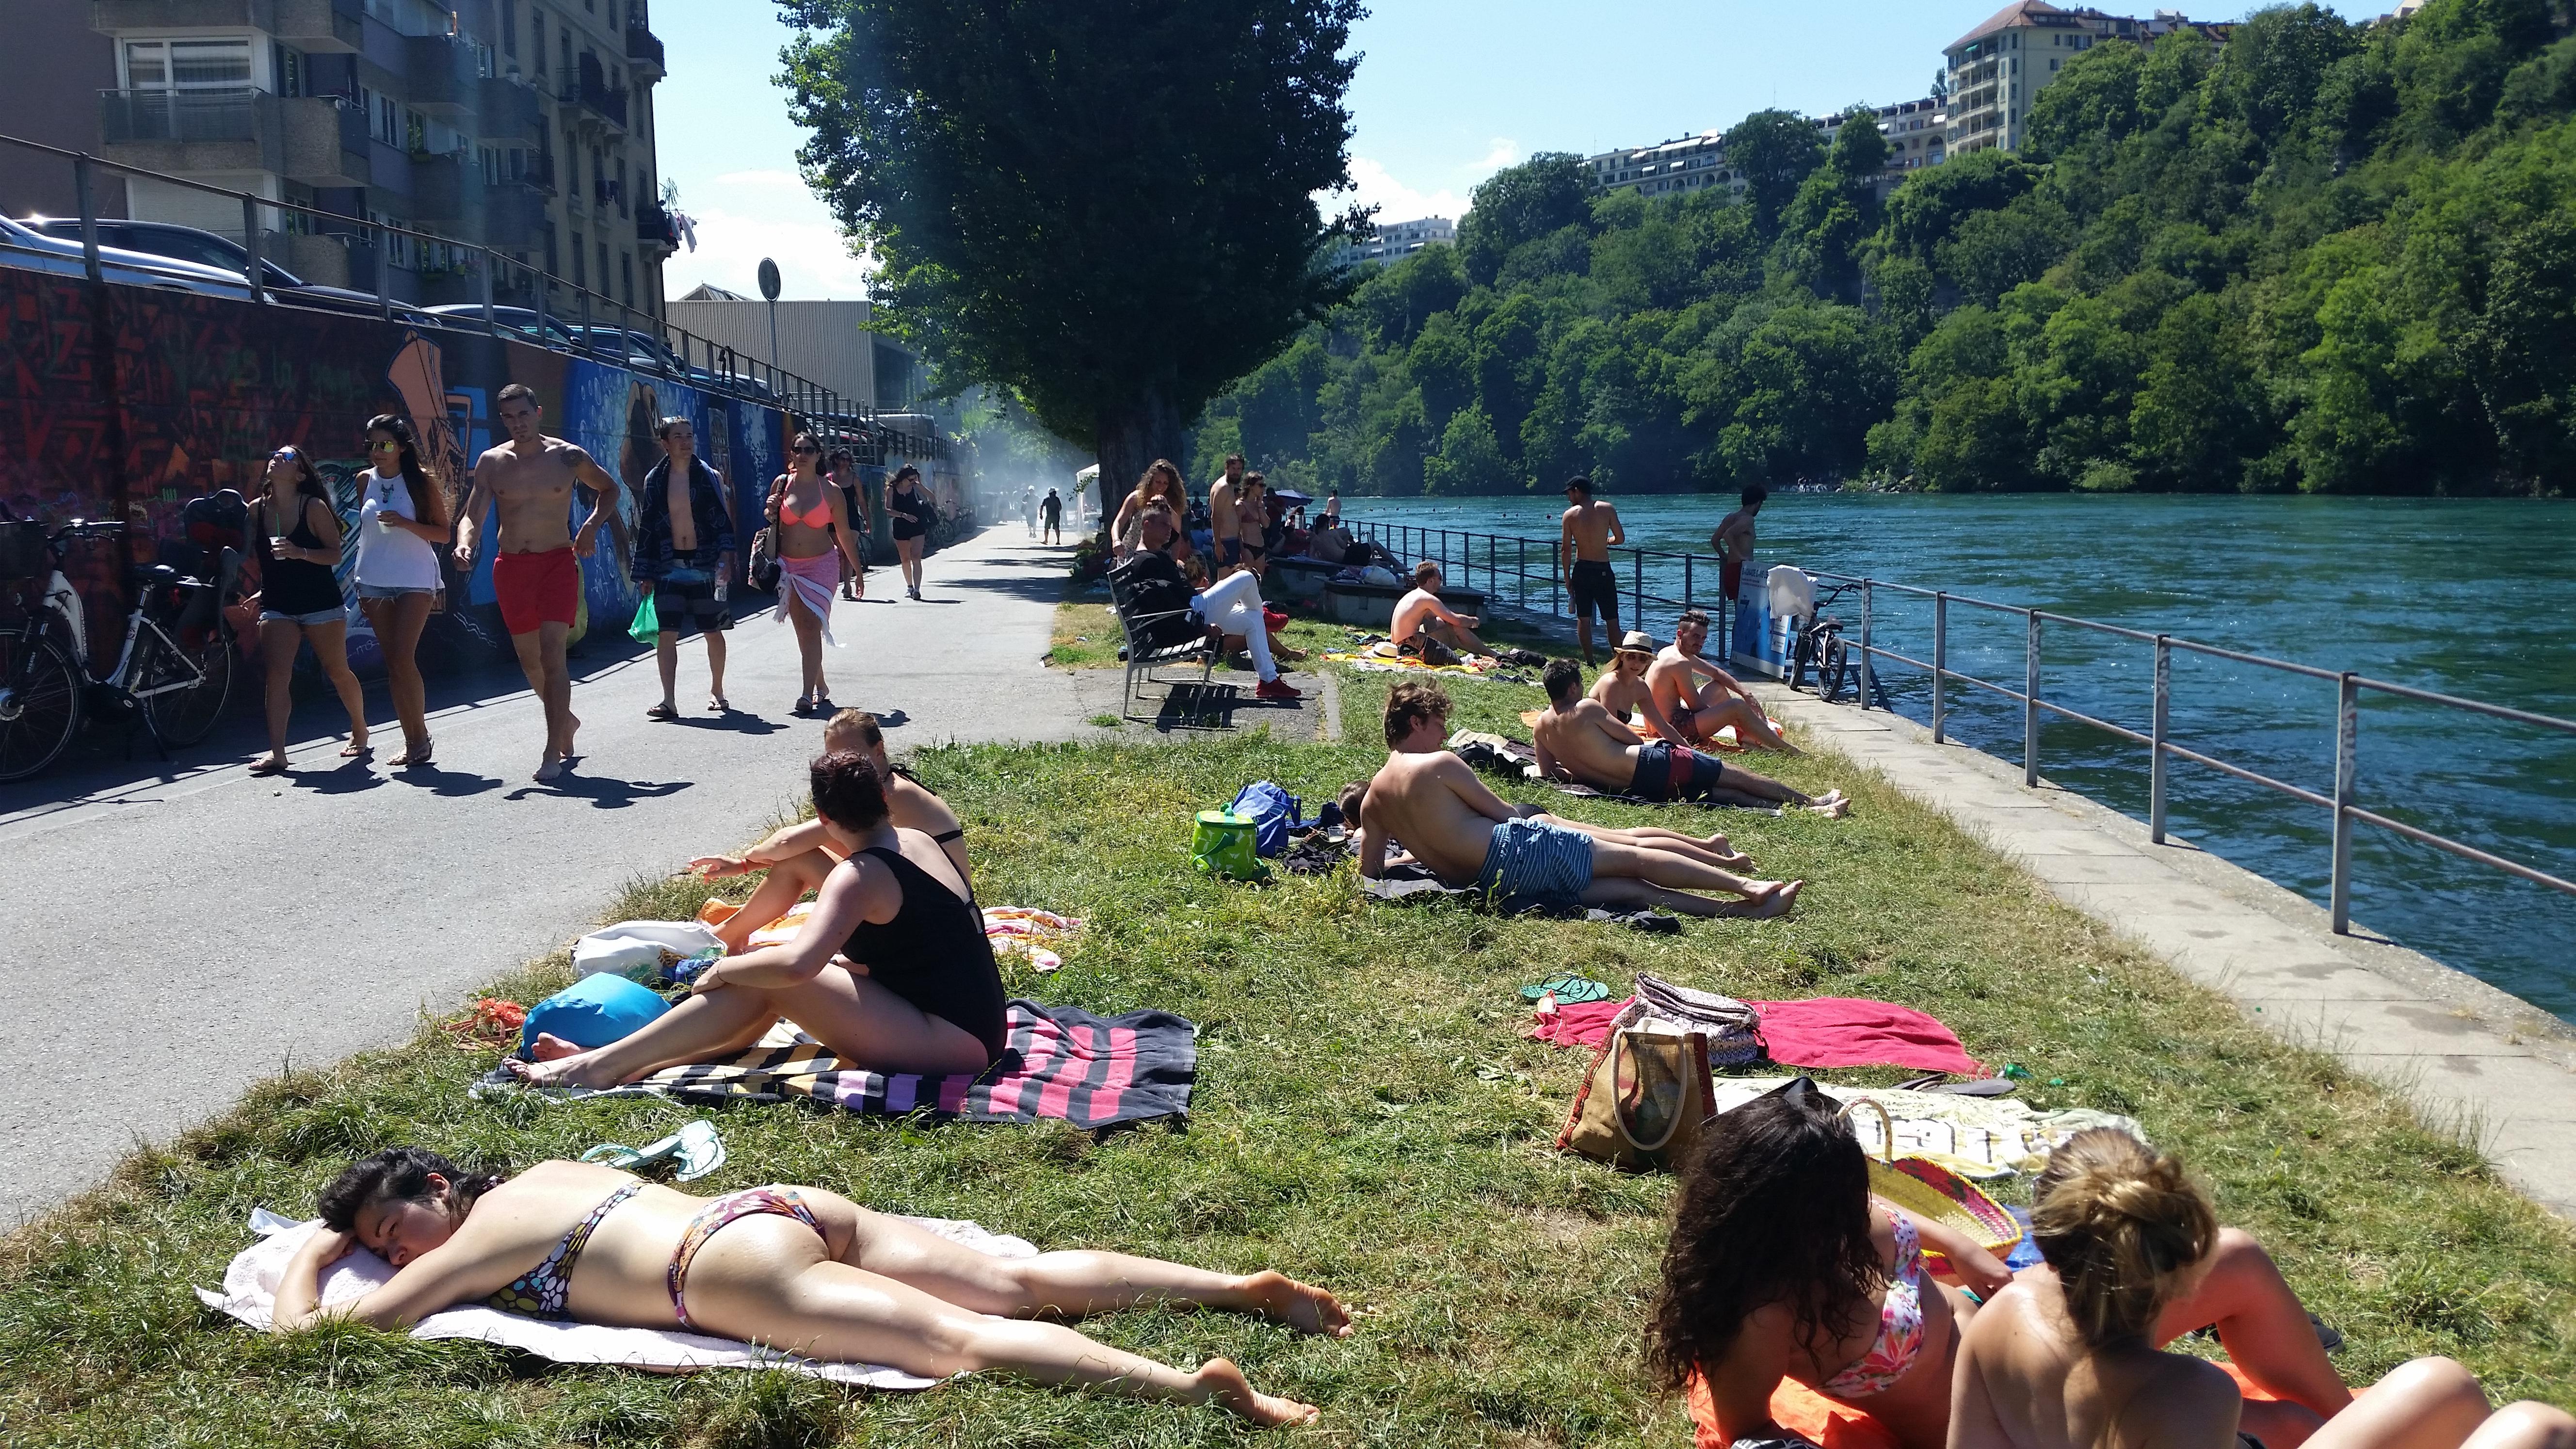 Le Sentier des Saules au bord du Rhône en été, Genève